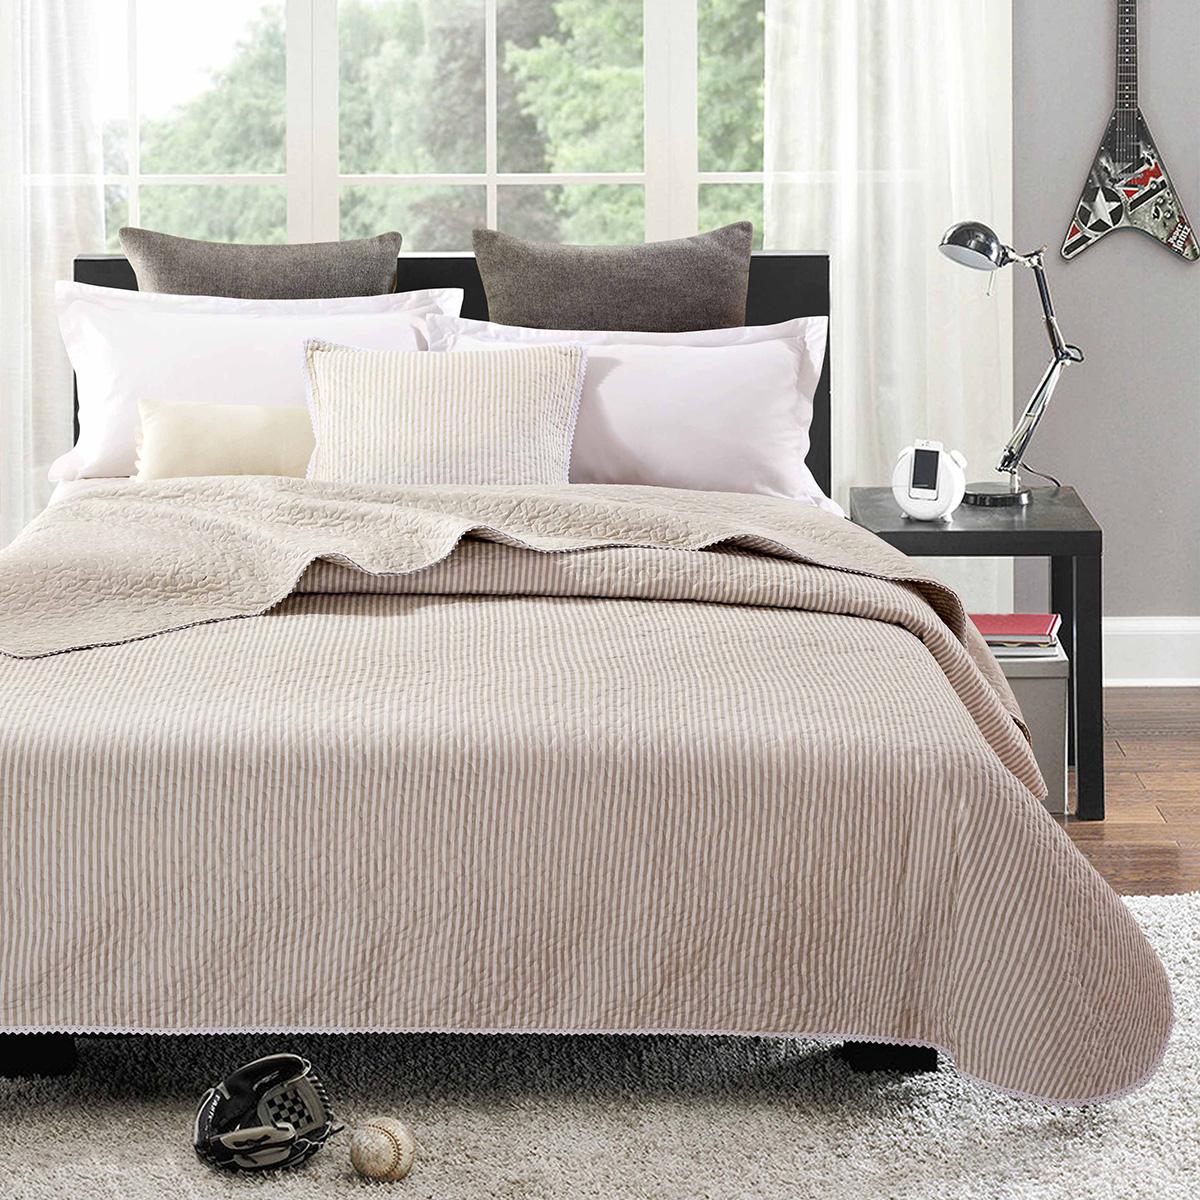 Billede af Simone quiltet sengetæppe - Beige